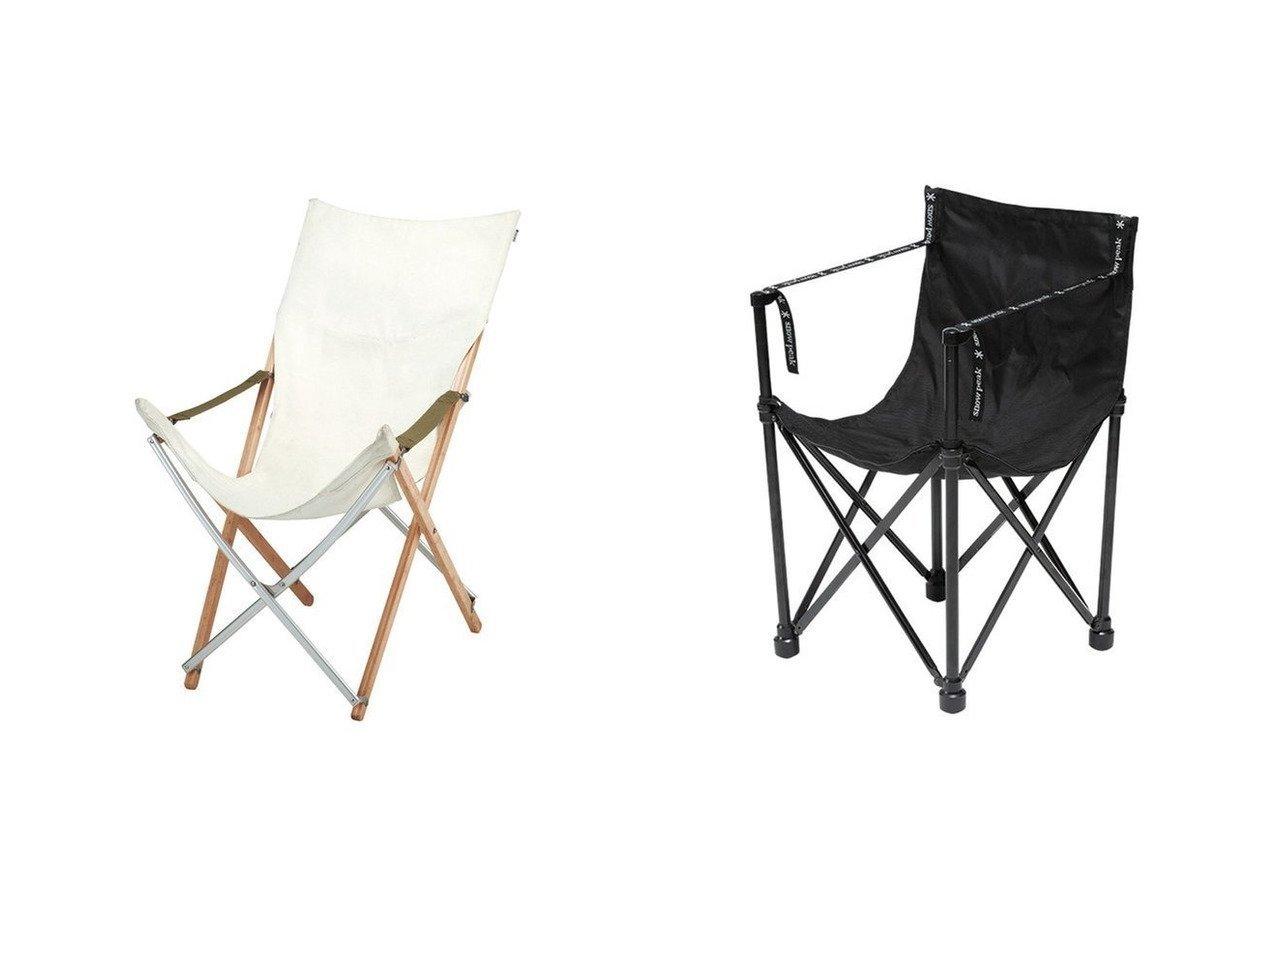 【Snow Peak/スノーピーク】のTake!チェア ロング&スノーピークチェア BLACK EDITION 【アウトドアチェア】おすすめ!人気キャンプ・アウトドア用品の通販 おすすめで人気の流行・トレンド、ファッションの通販商品 インテリア・家具・メンズファッション・キッズファッション・レディースファッション・服の通販 founy(ファニー) https://founy.com/ アウトドア スタンド テーブル フォーム フォルム フレーム ロング ホーム・キャンプ・アウトドア Home,Garden,Outdoor,Camping Gear キャンプ用品・アウトドア  Camping Gear & Outdoor Supplies チェア テーブル Camp Chairs, Camping Tables |ID:crp329100000050871